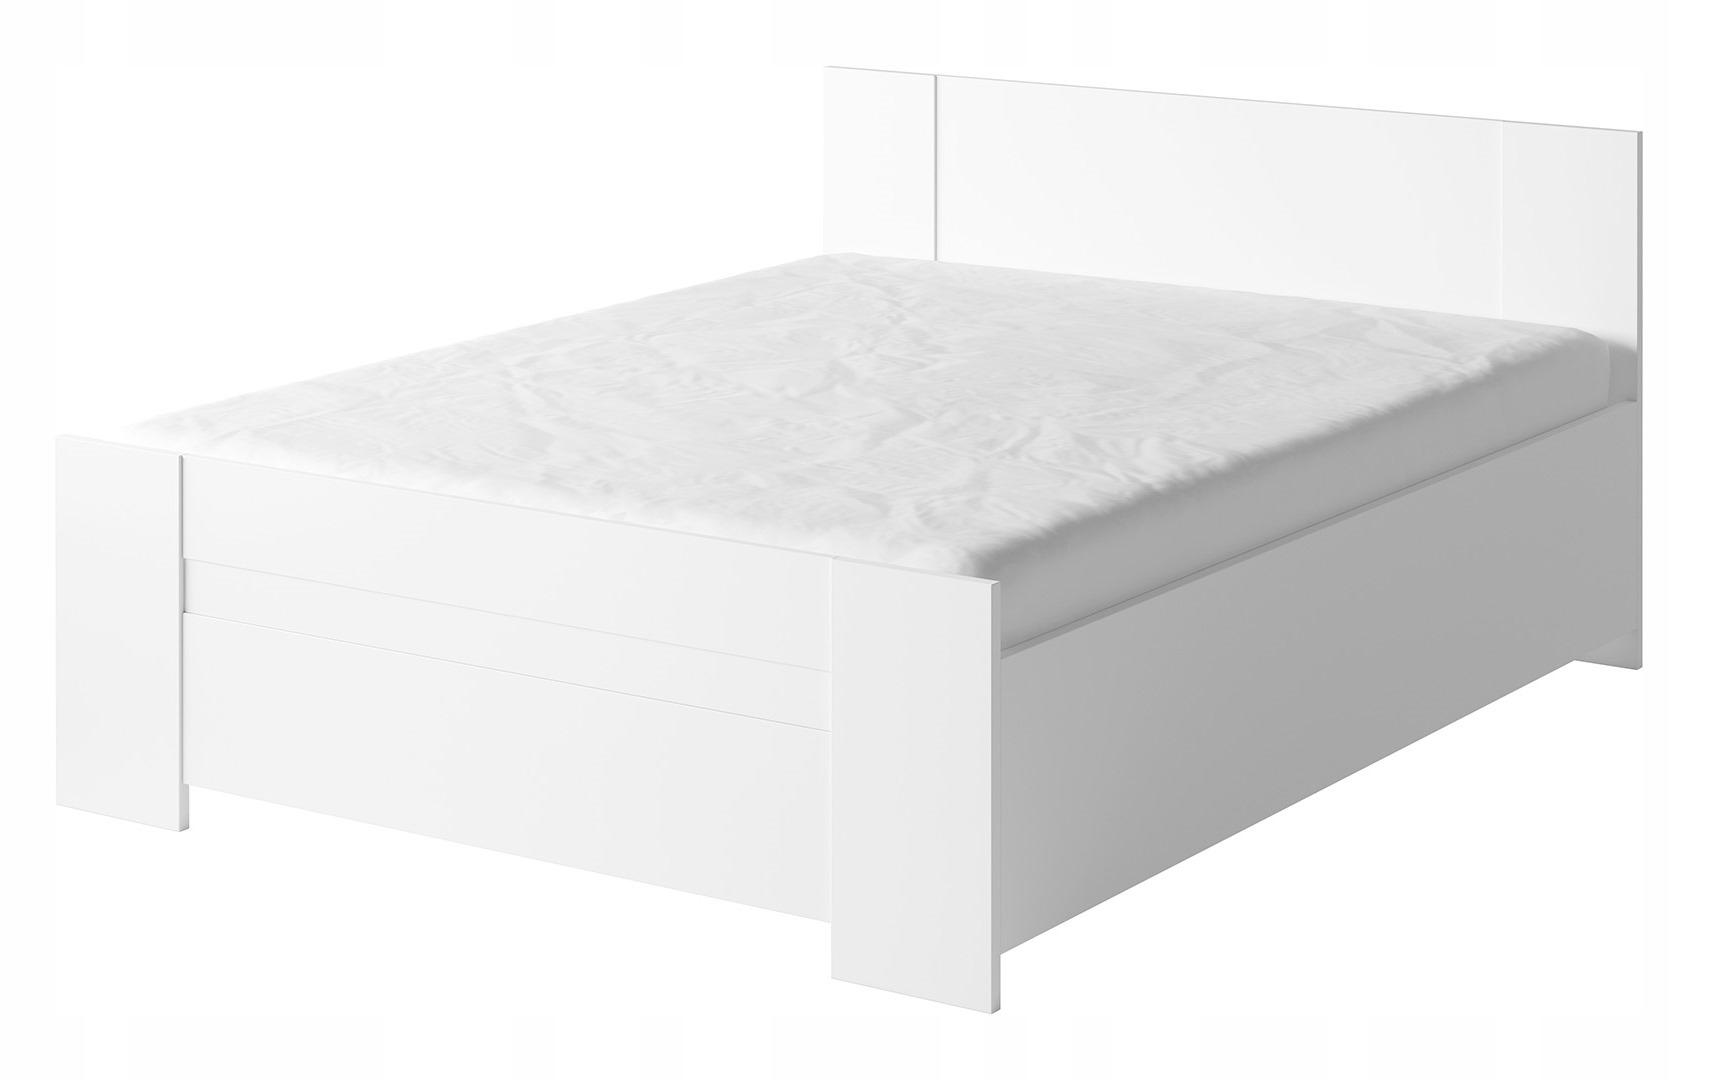 BONO posteľ 160x200 aj s matracom, bez hlavovej opierky